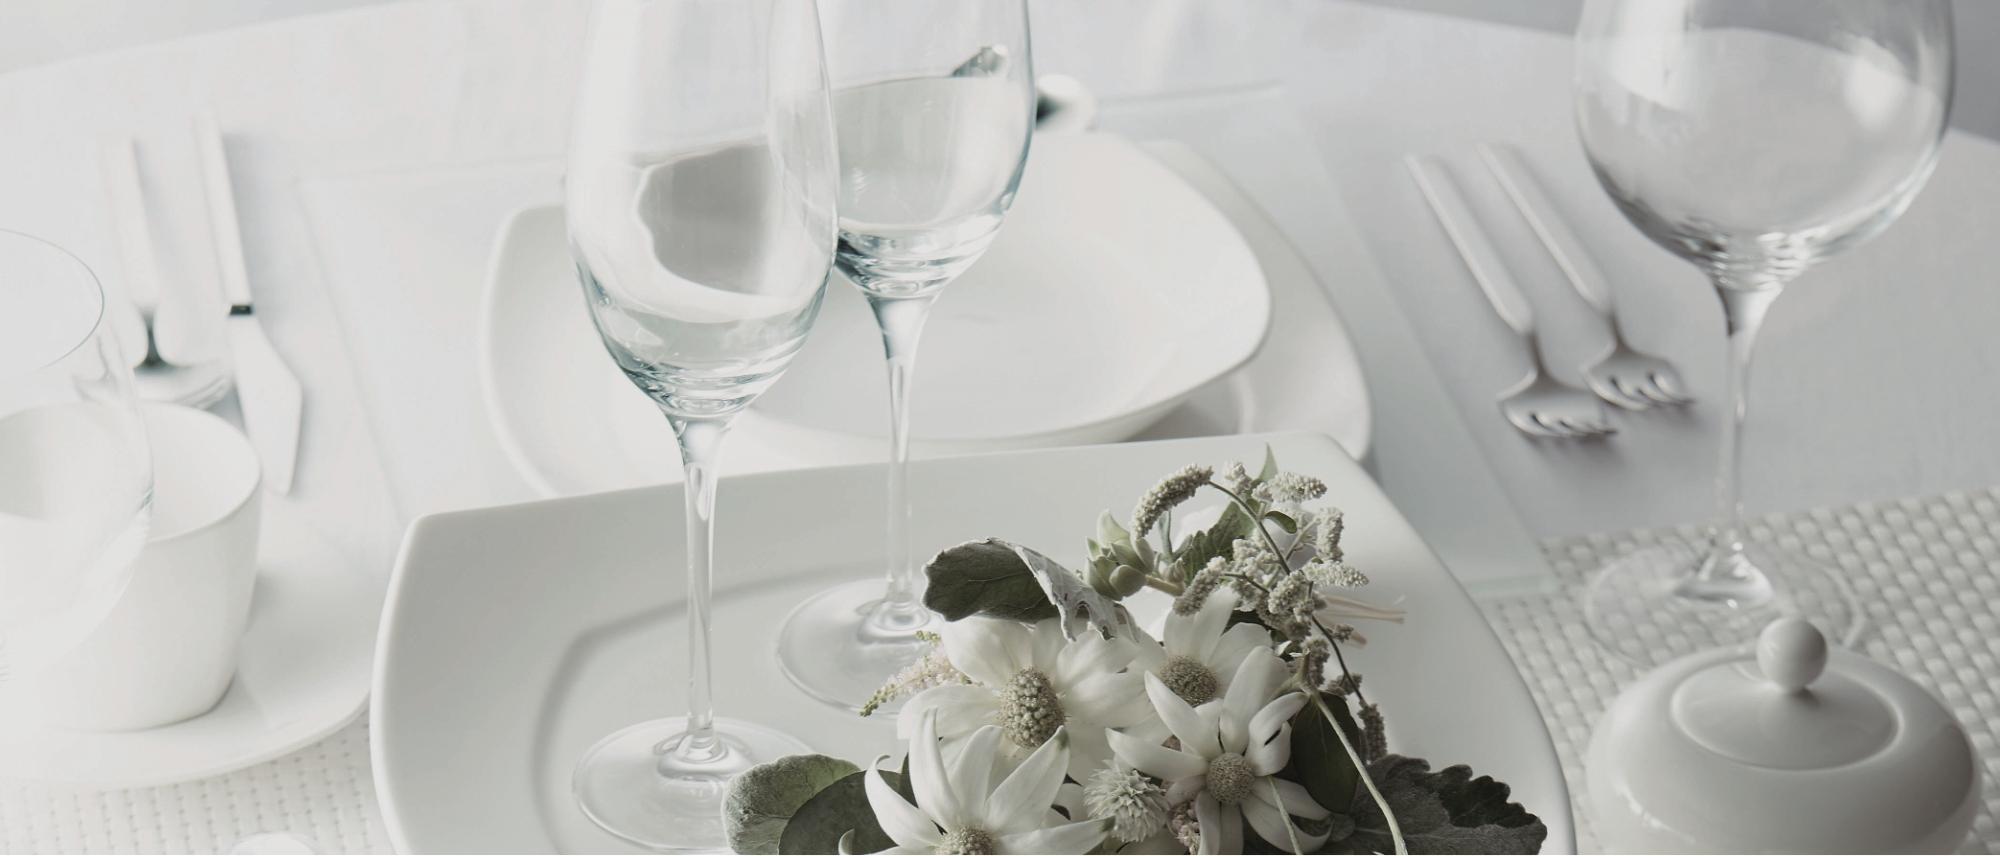 食器・グラスから厨房備品まで店舗備品のすべてをご用意します